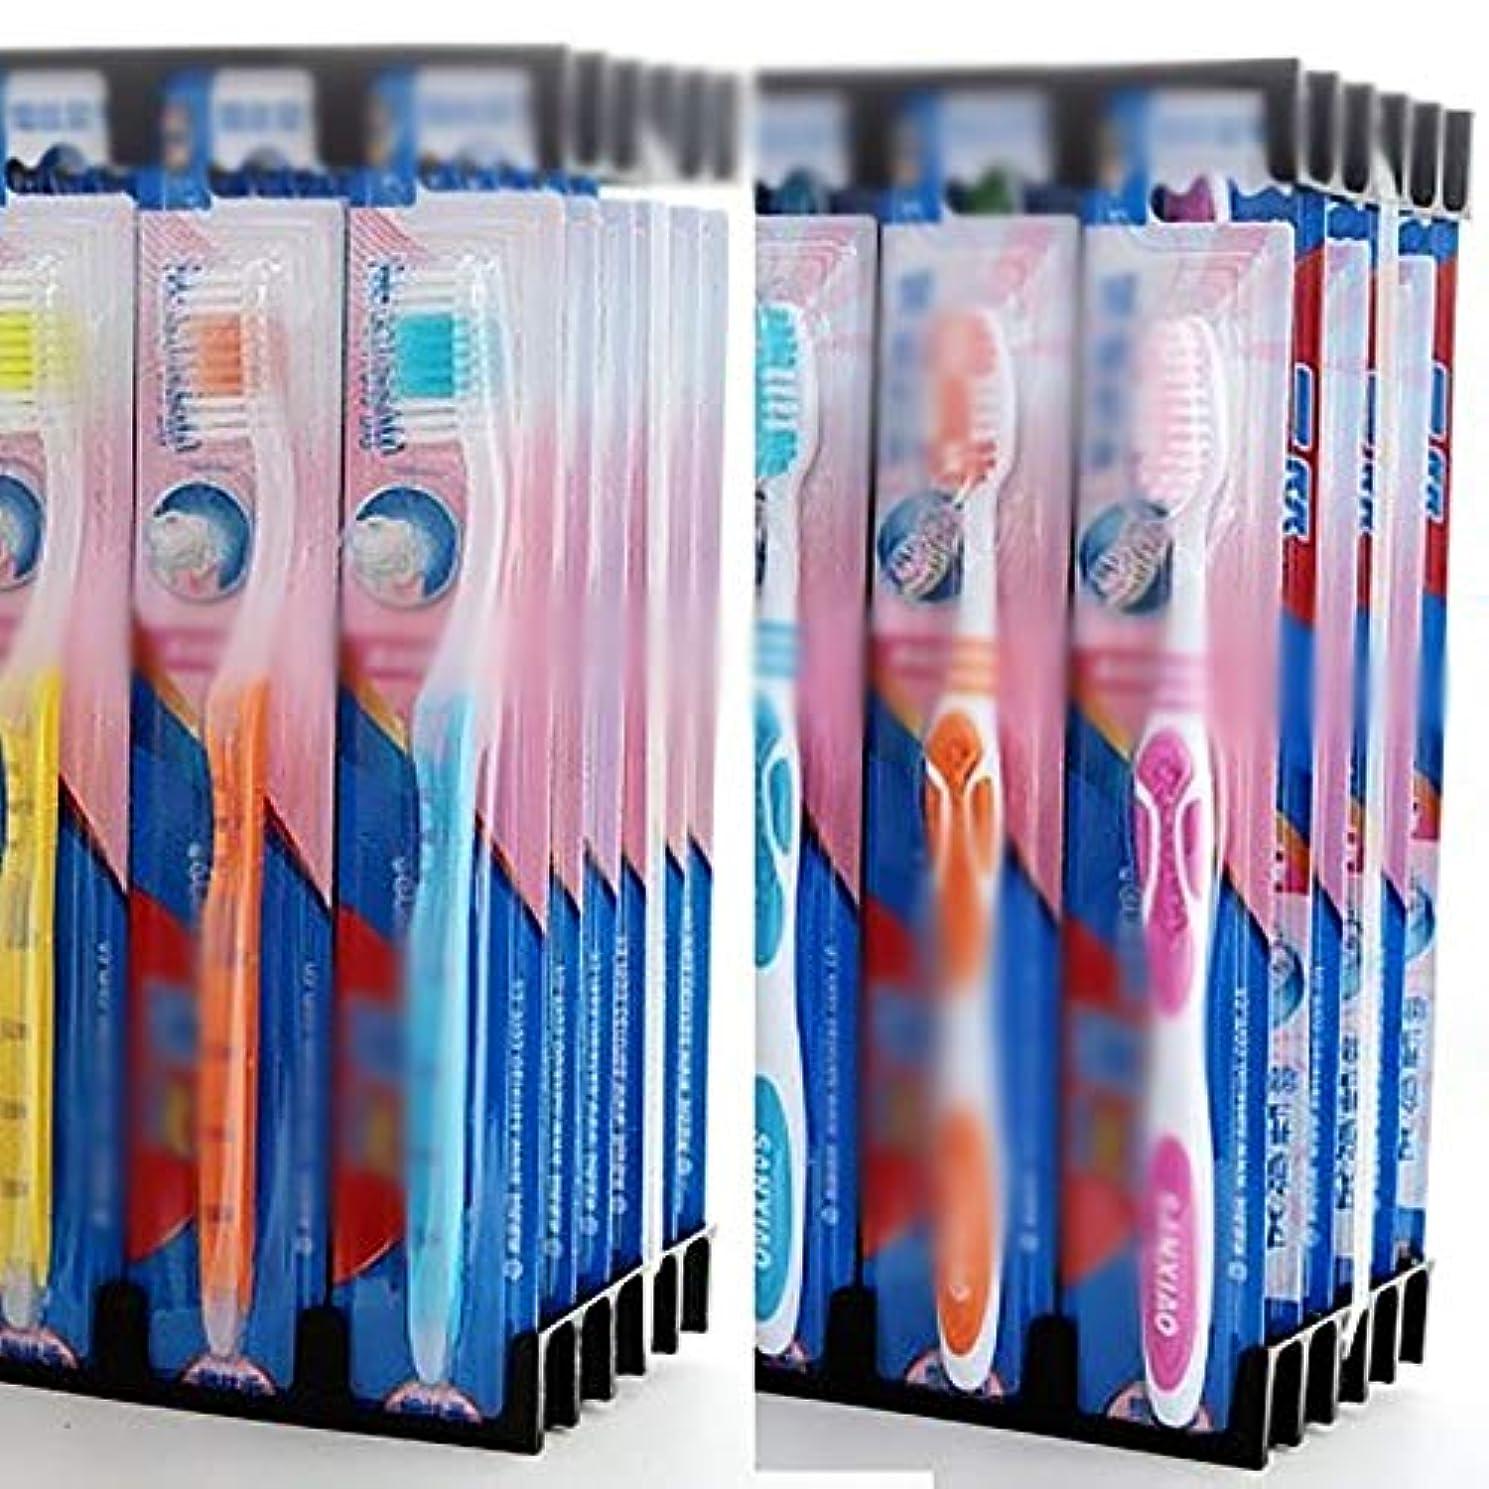 機密以来出撃者歯ブラシ 30本のバルク歯ブラシ、ソフト毛歯ブラシ、歯科衛生の深いクリーニング - 使用可能なスタイルの3種類 KHL (色 : B, サイズ : 30 packs)